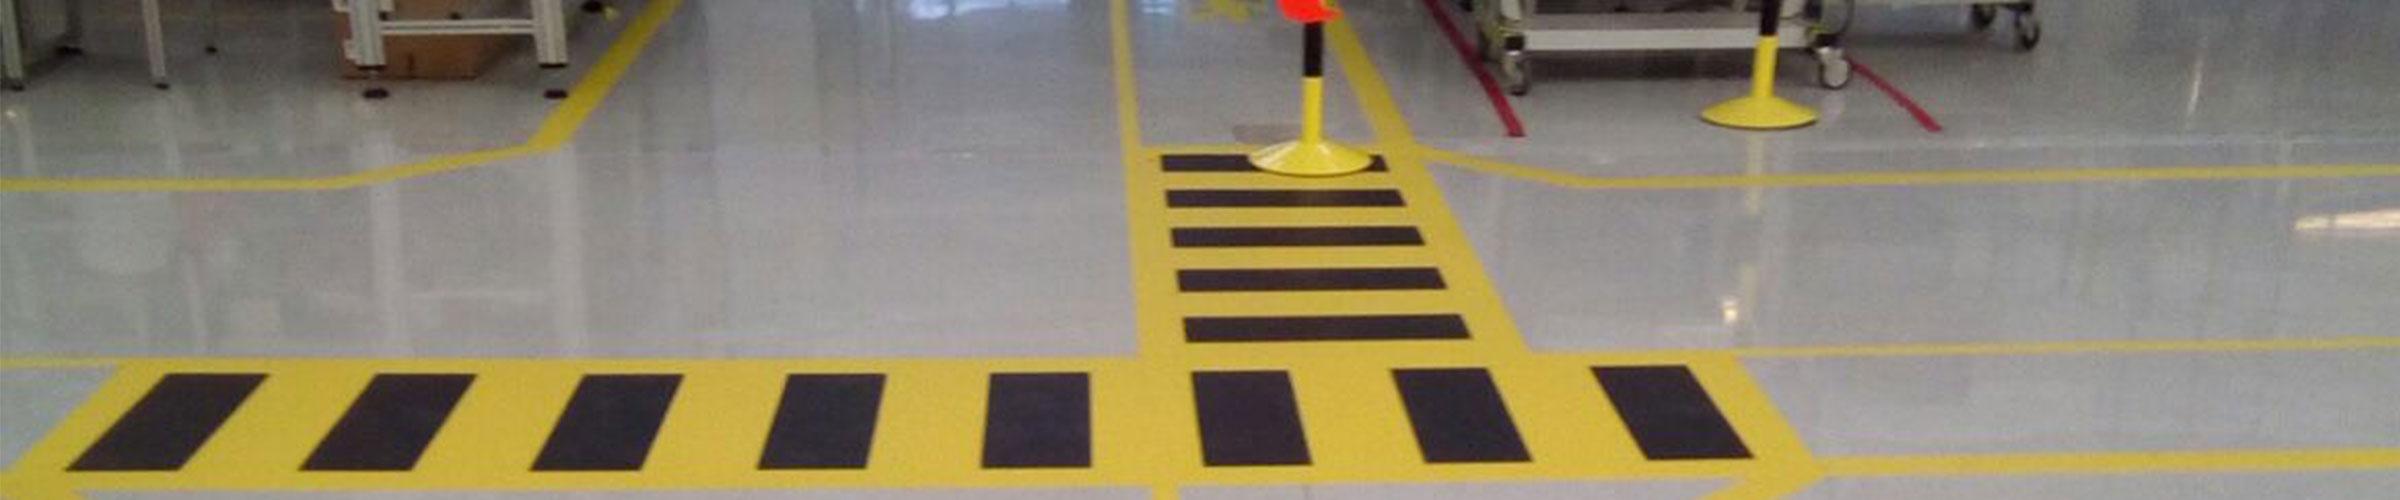 Clarity Floor Marking